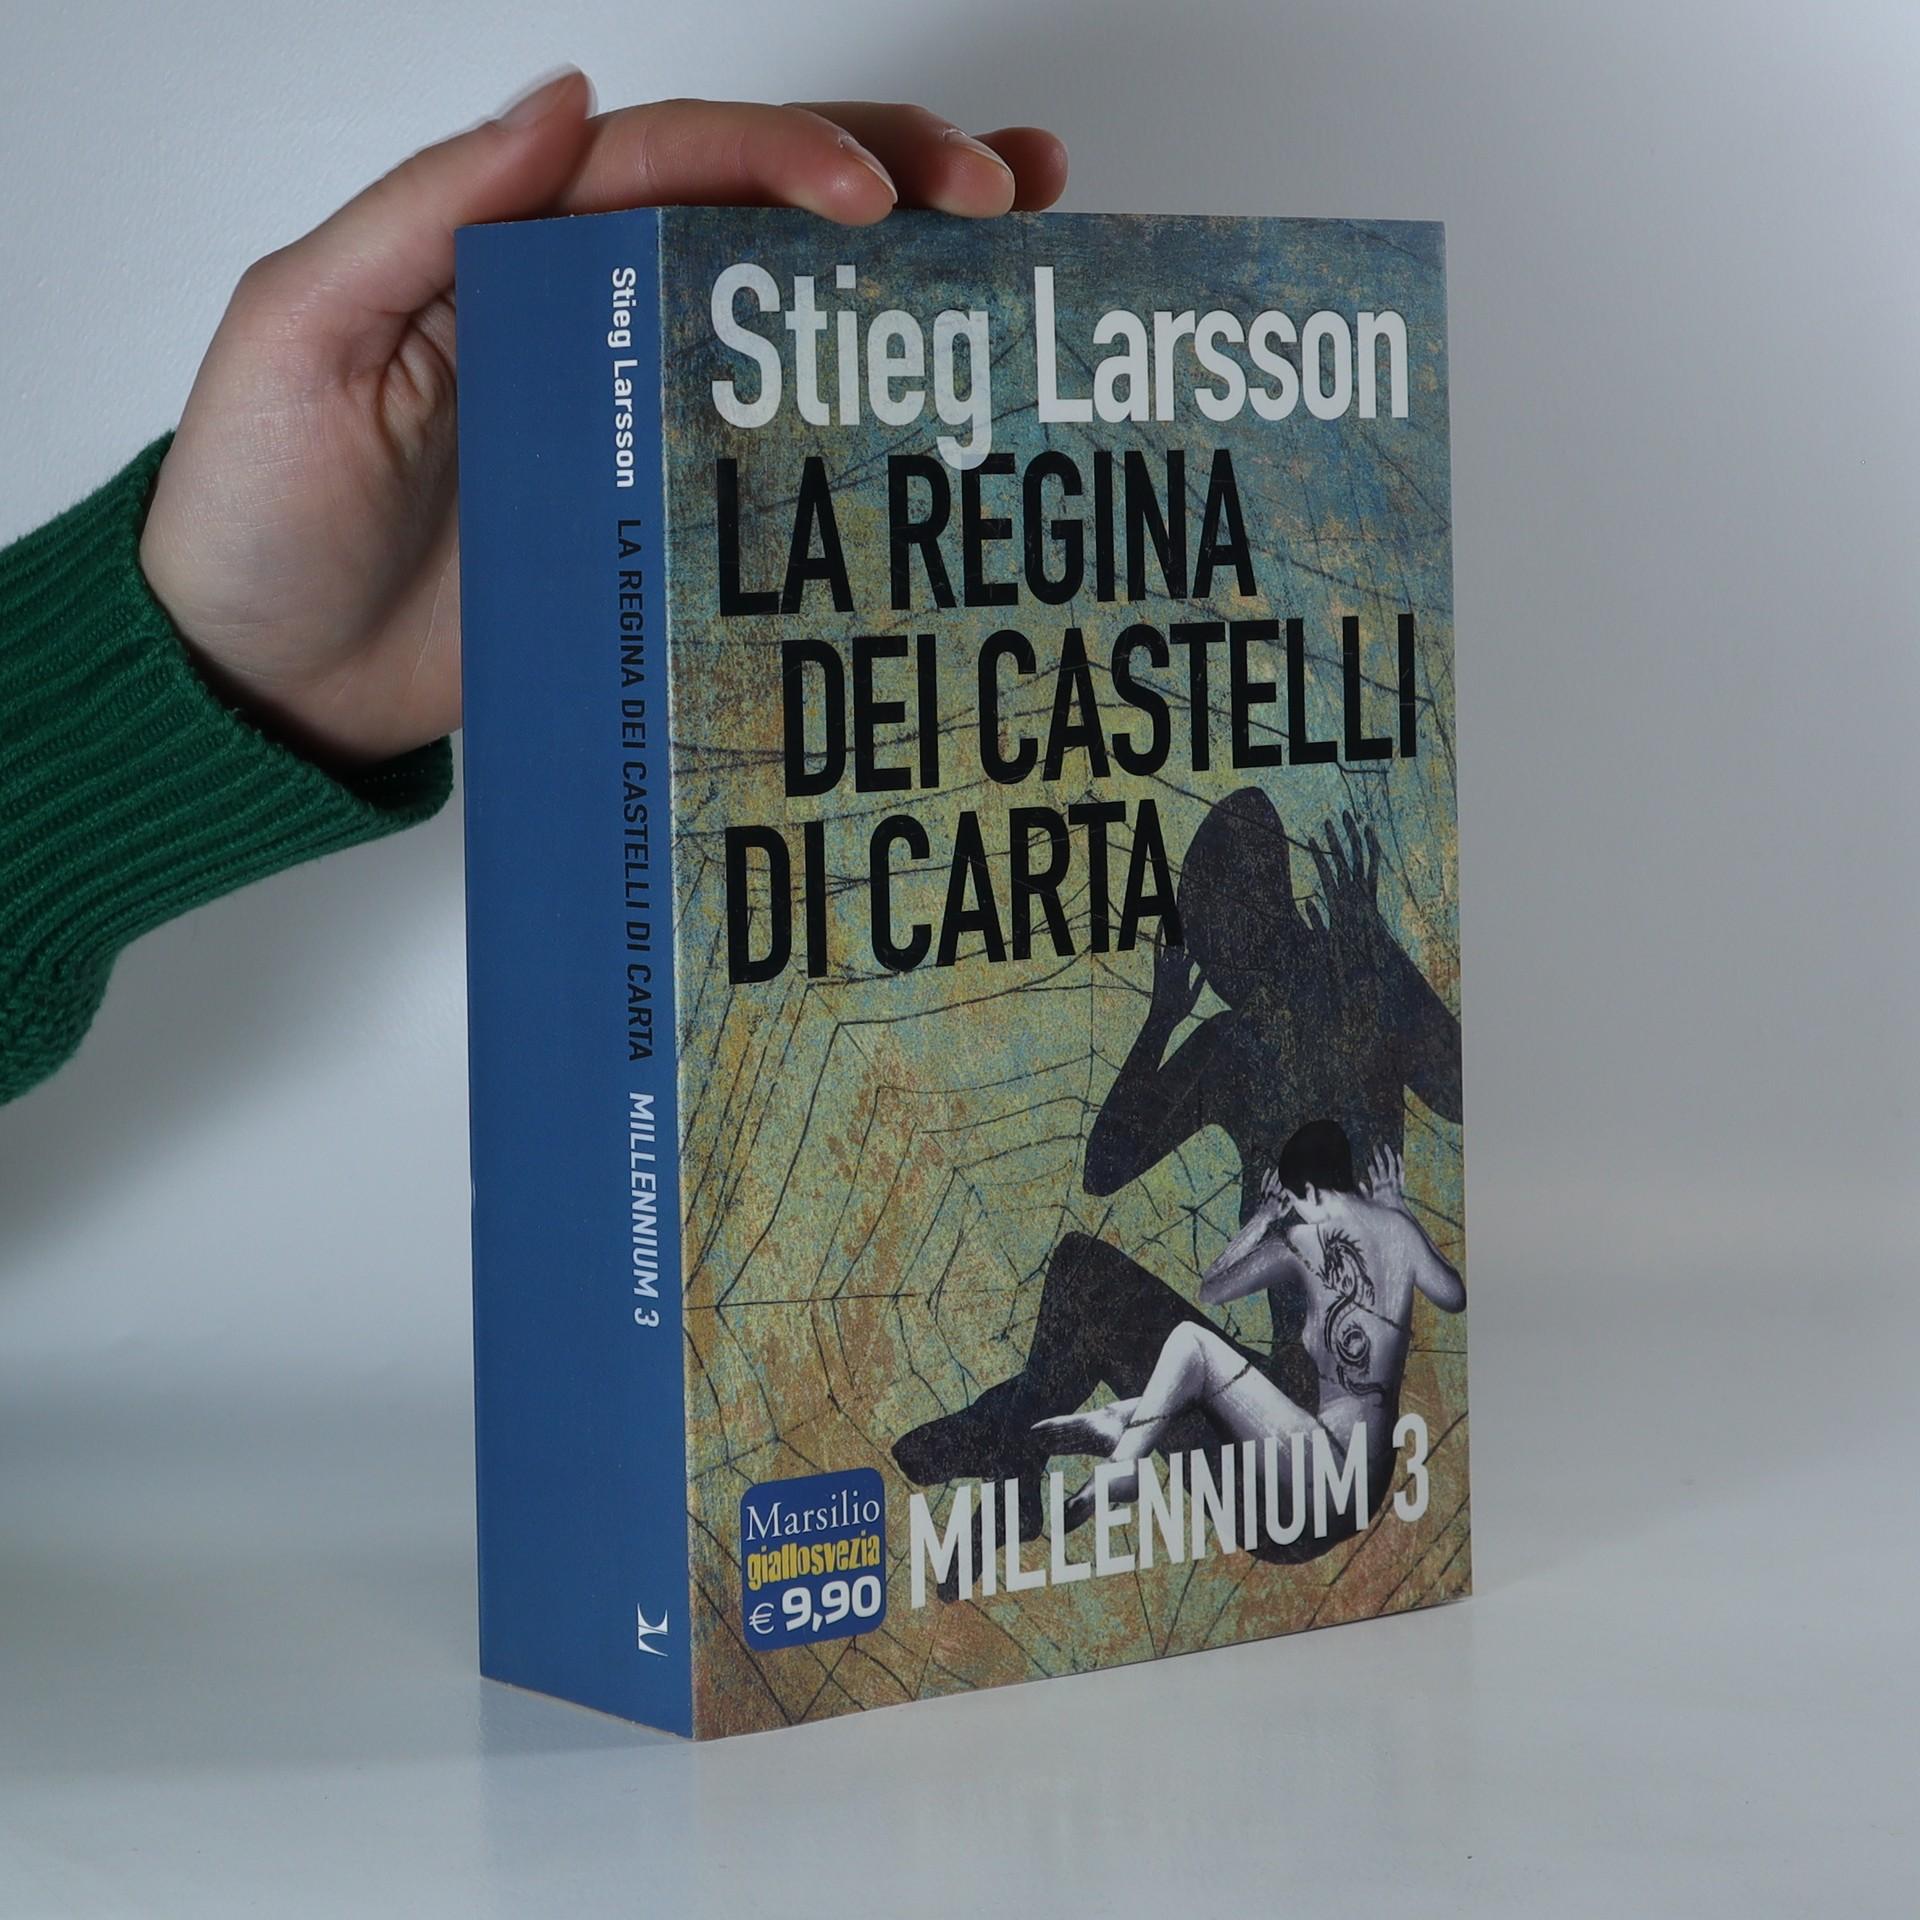 antikvární kniha La regina dei castelli di carta, 2015